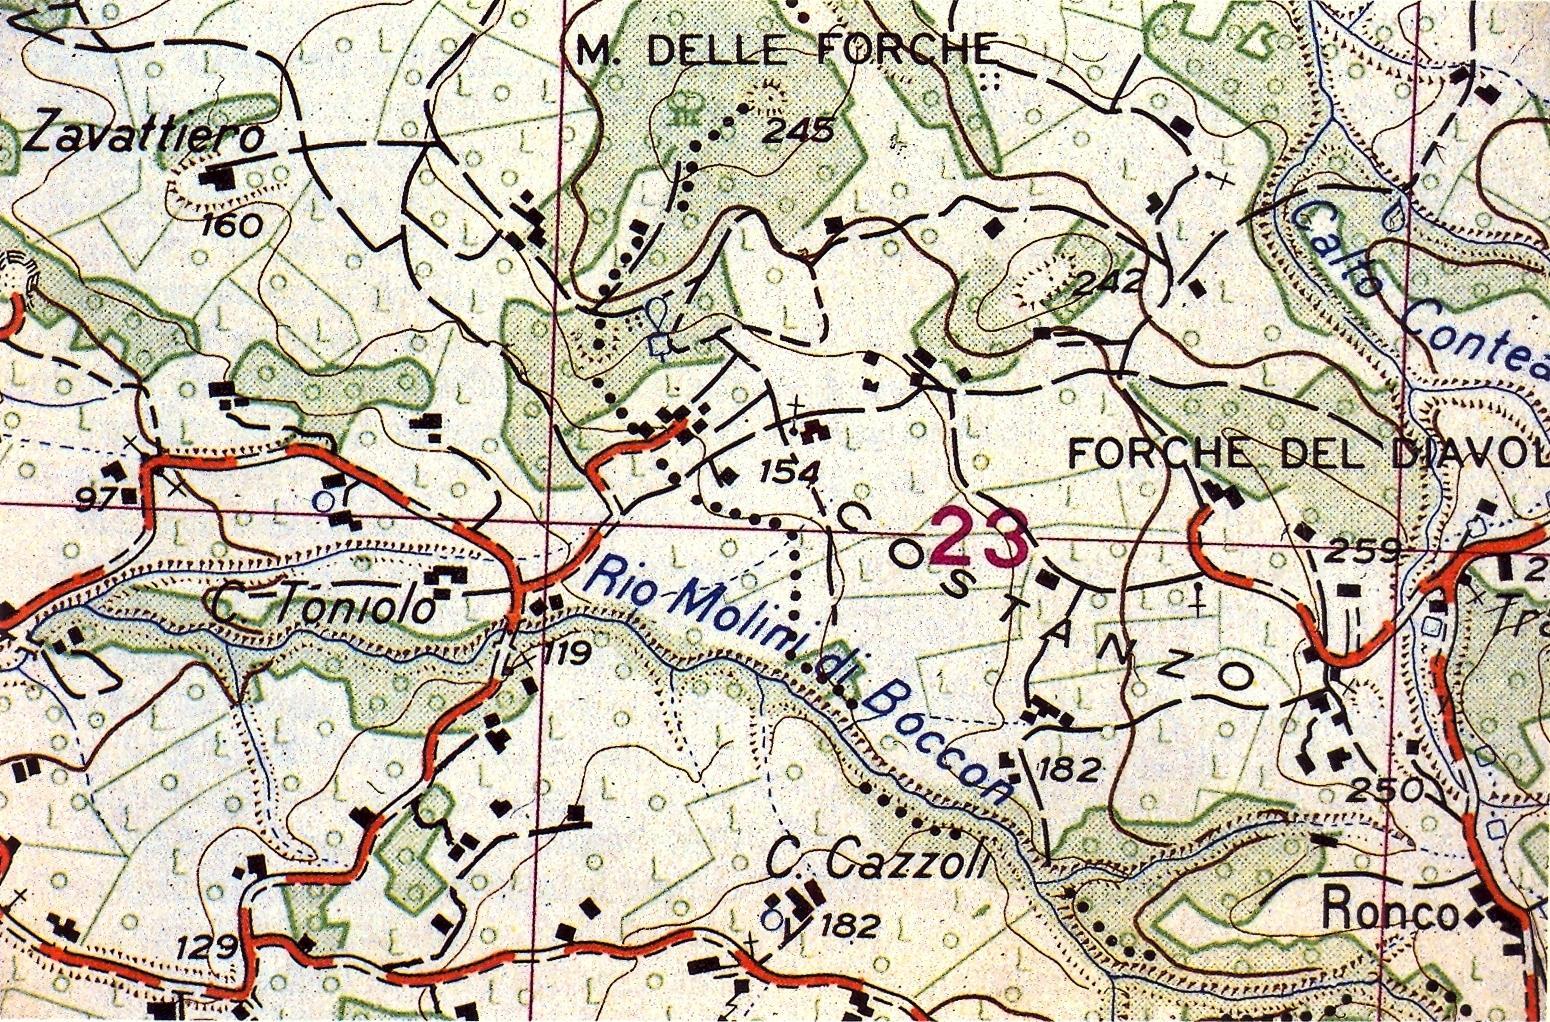 Il tracciato del calto Rio Molini di Boccon nella carta topografica dell'Istituto Geografico Militare.